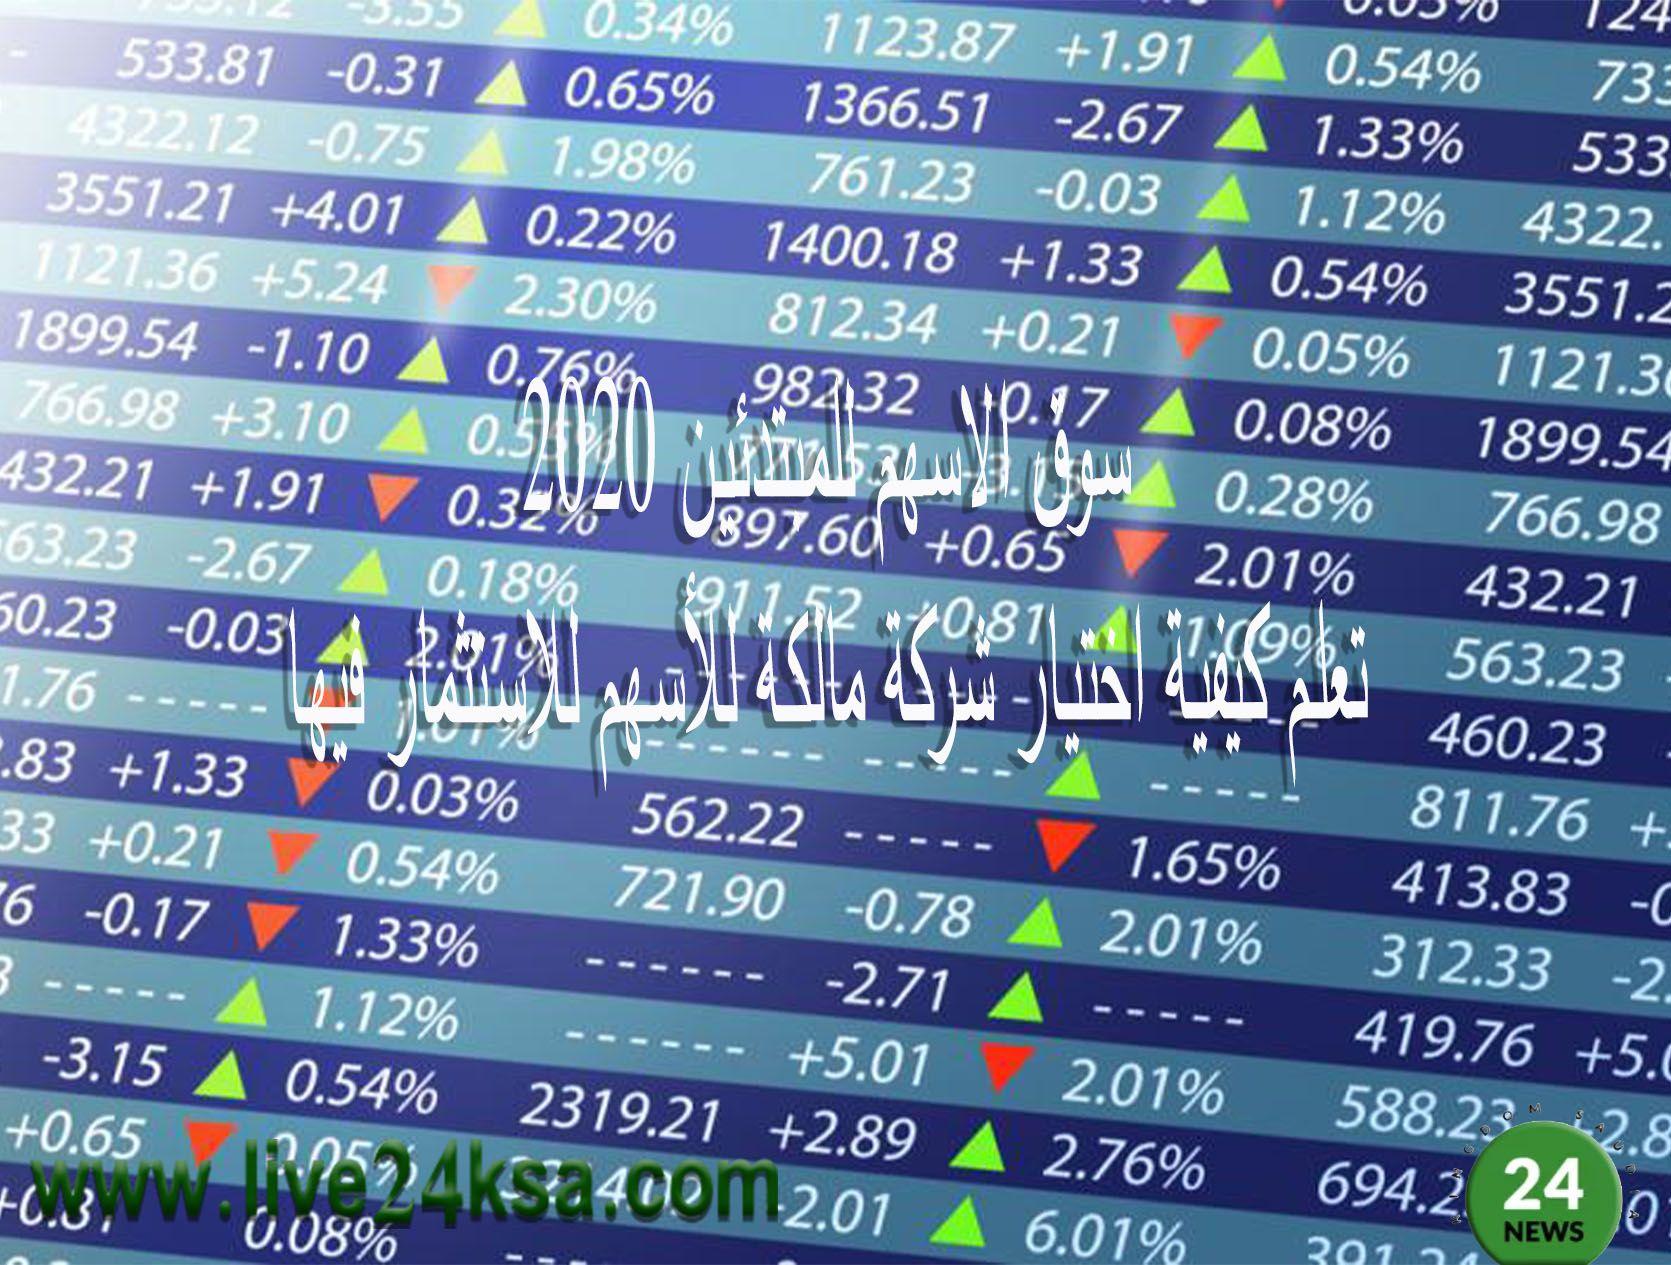 سوق الاسهم للمبتدئين 2020 تعلم كيفية اختيار شركة مالكة للأسهم للاستثمار فيها Periodic Table Roberta